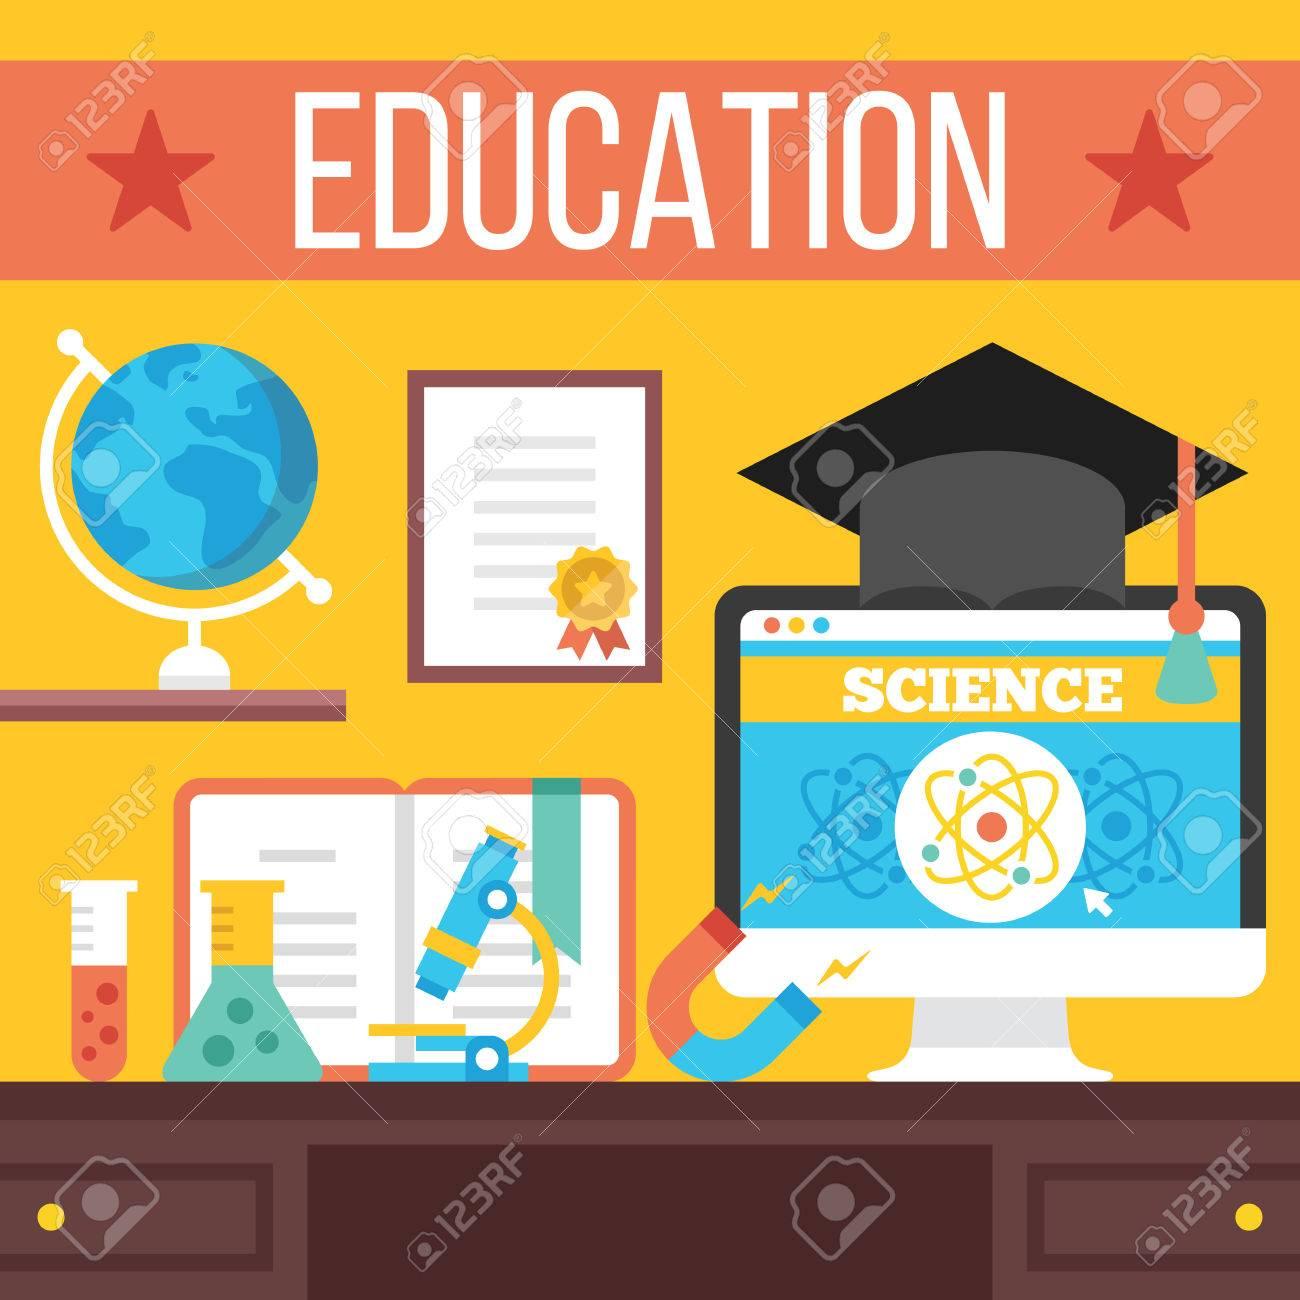 Education online learning online tutorials distance education education online learning online tutorials distance education concept stock vector 40382910 baditri Gallery